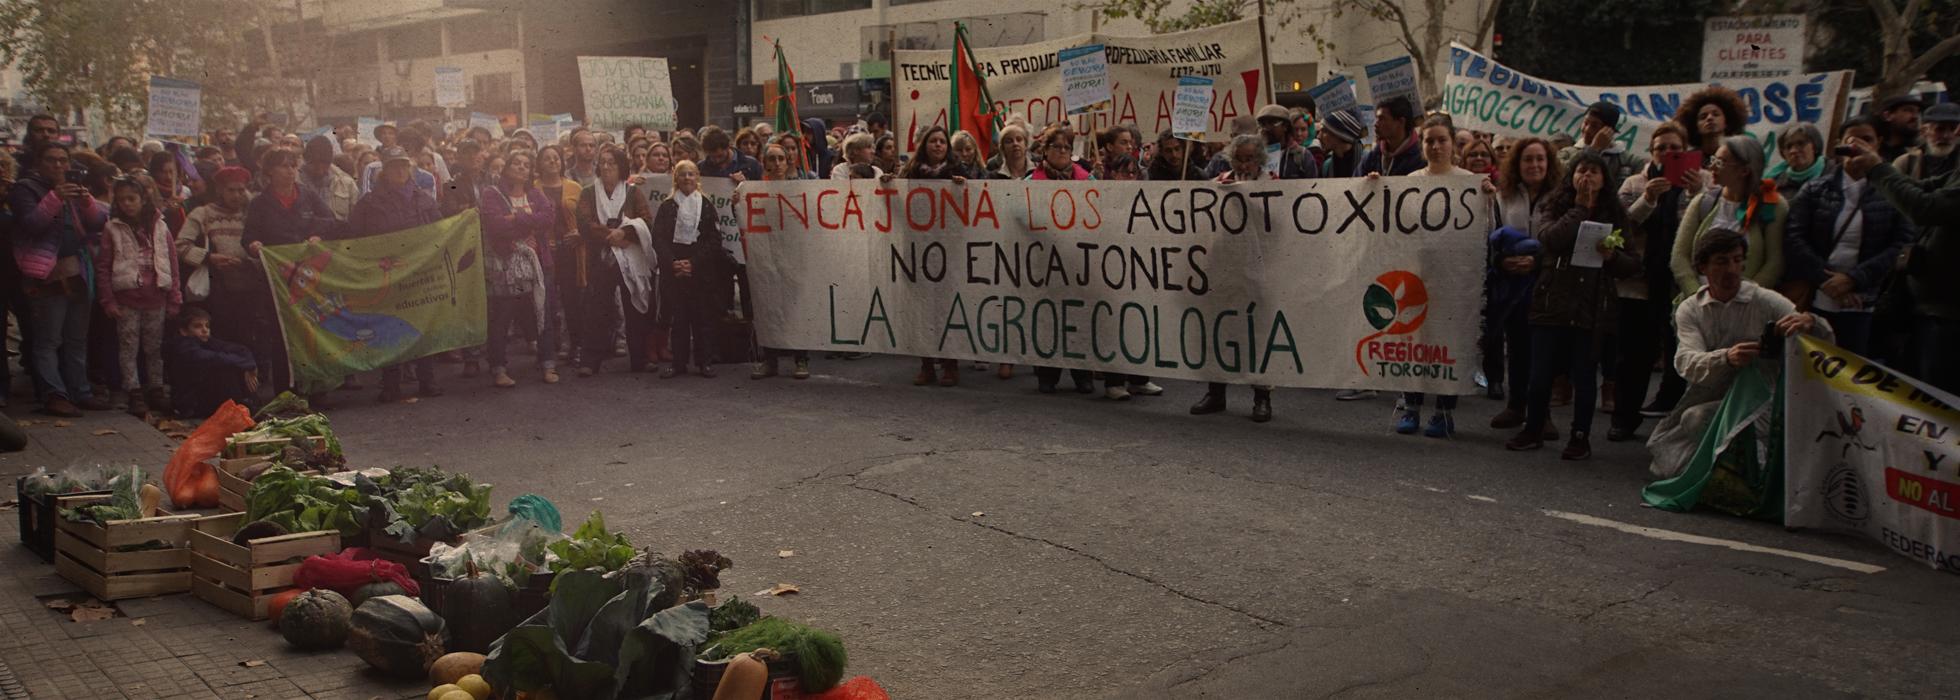 ¡No más demora, agroecología ahora!